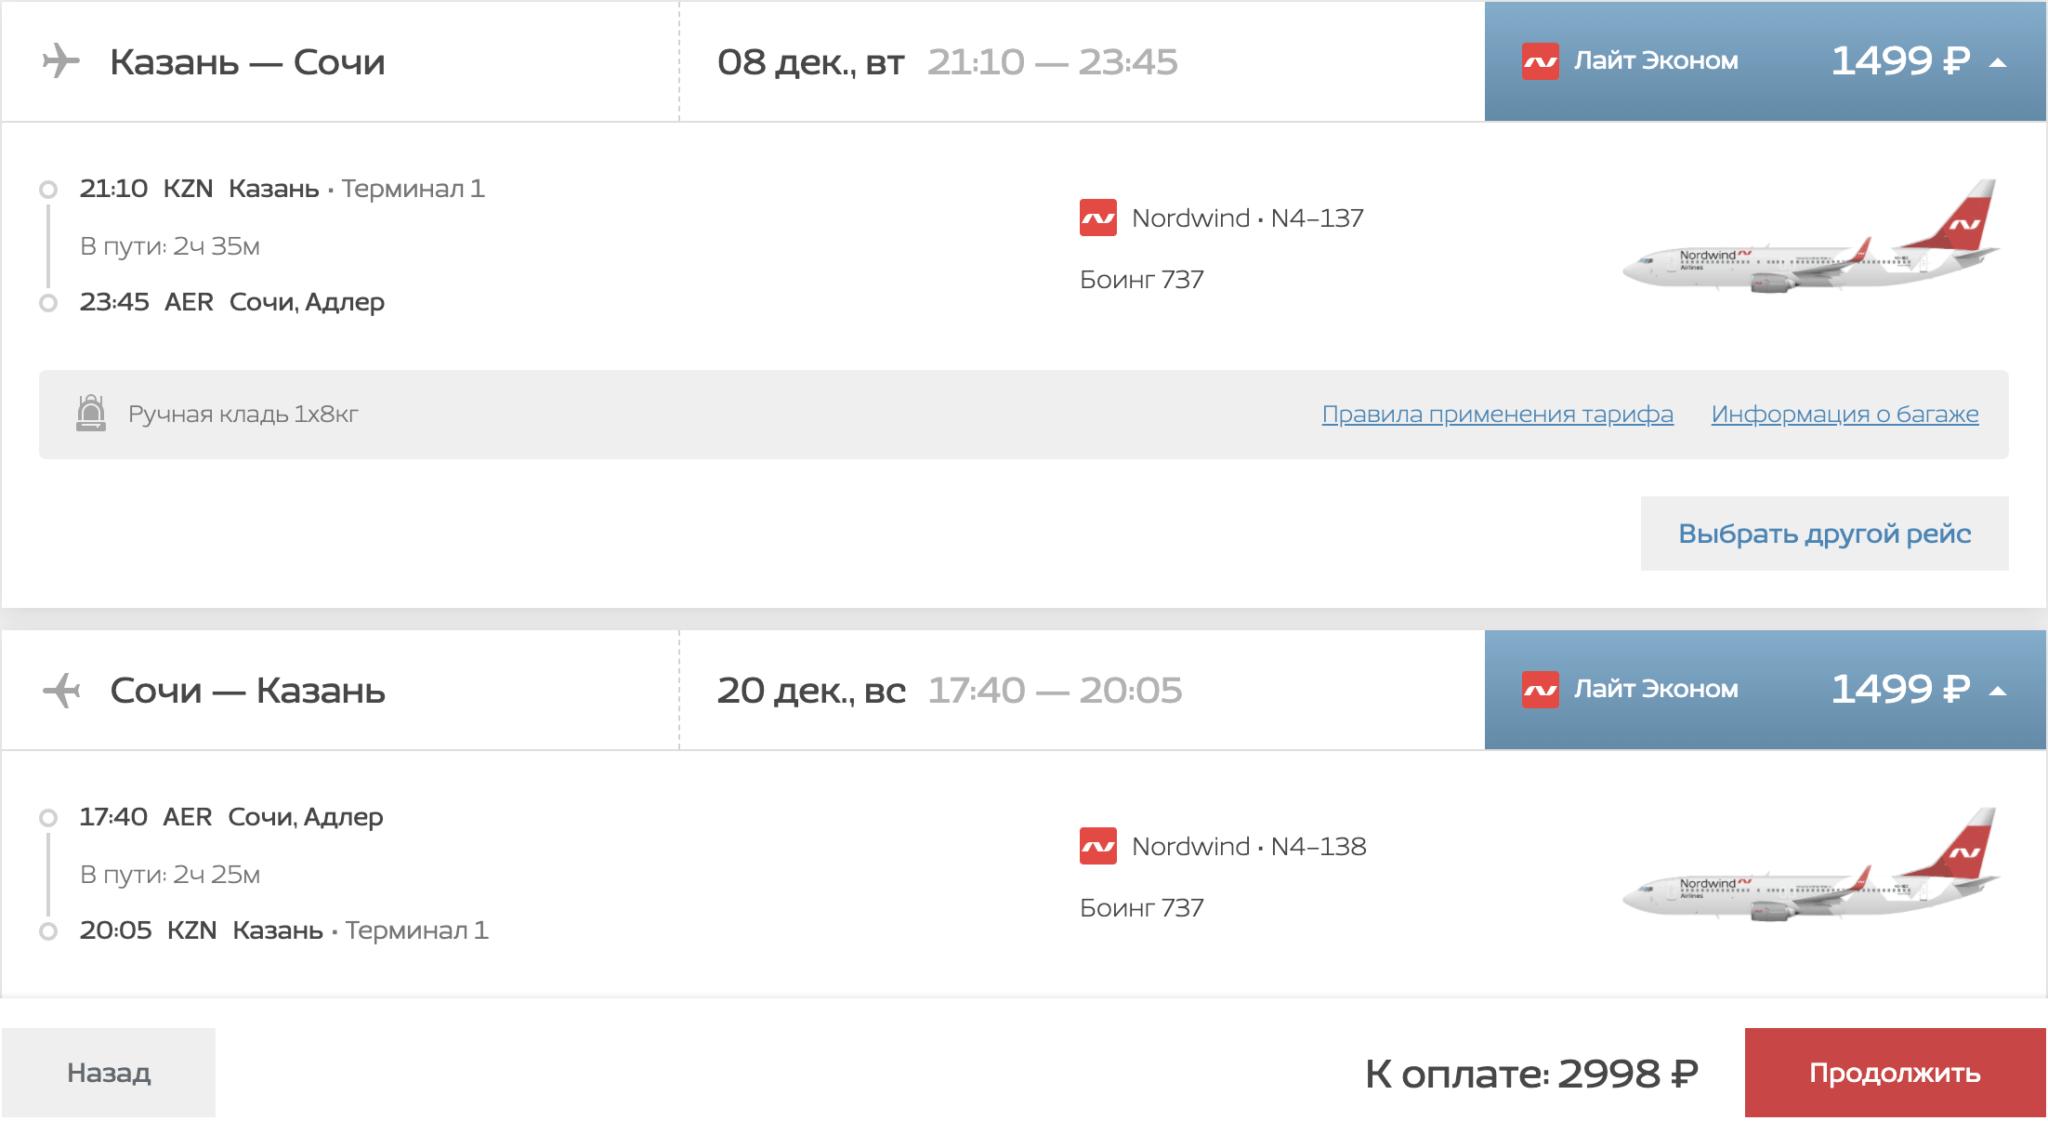 Распродажа Nordwind в зимние Сочи из СПб и регионов от 2998₽ туда-обратно